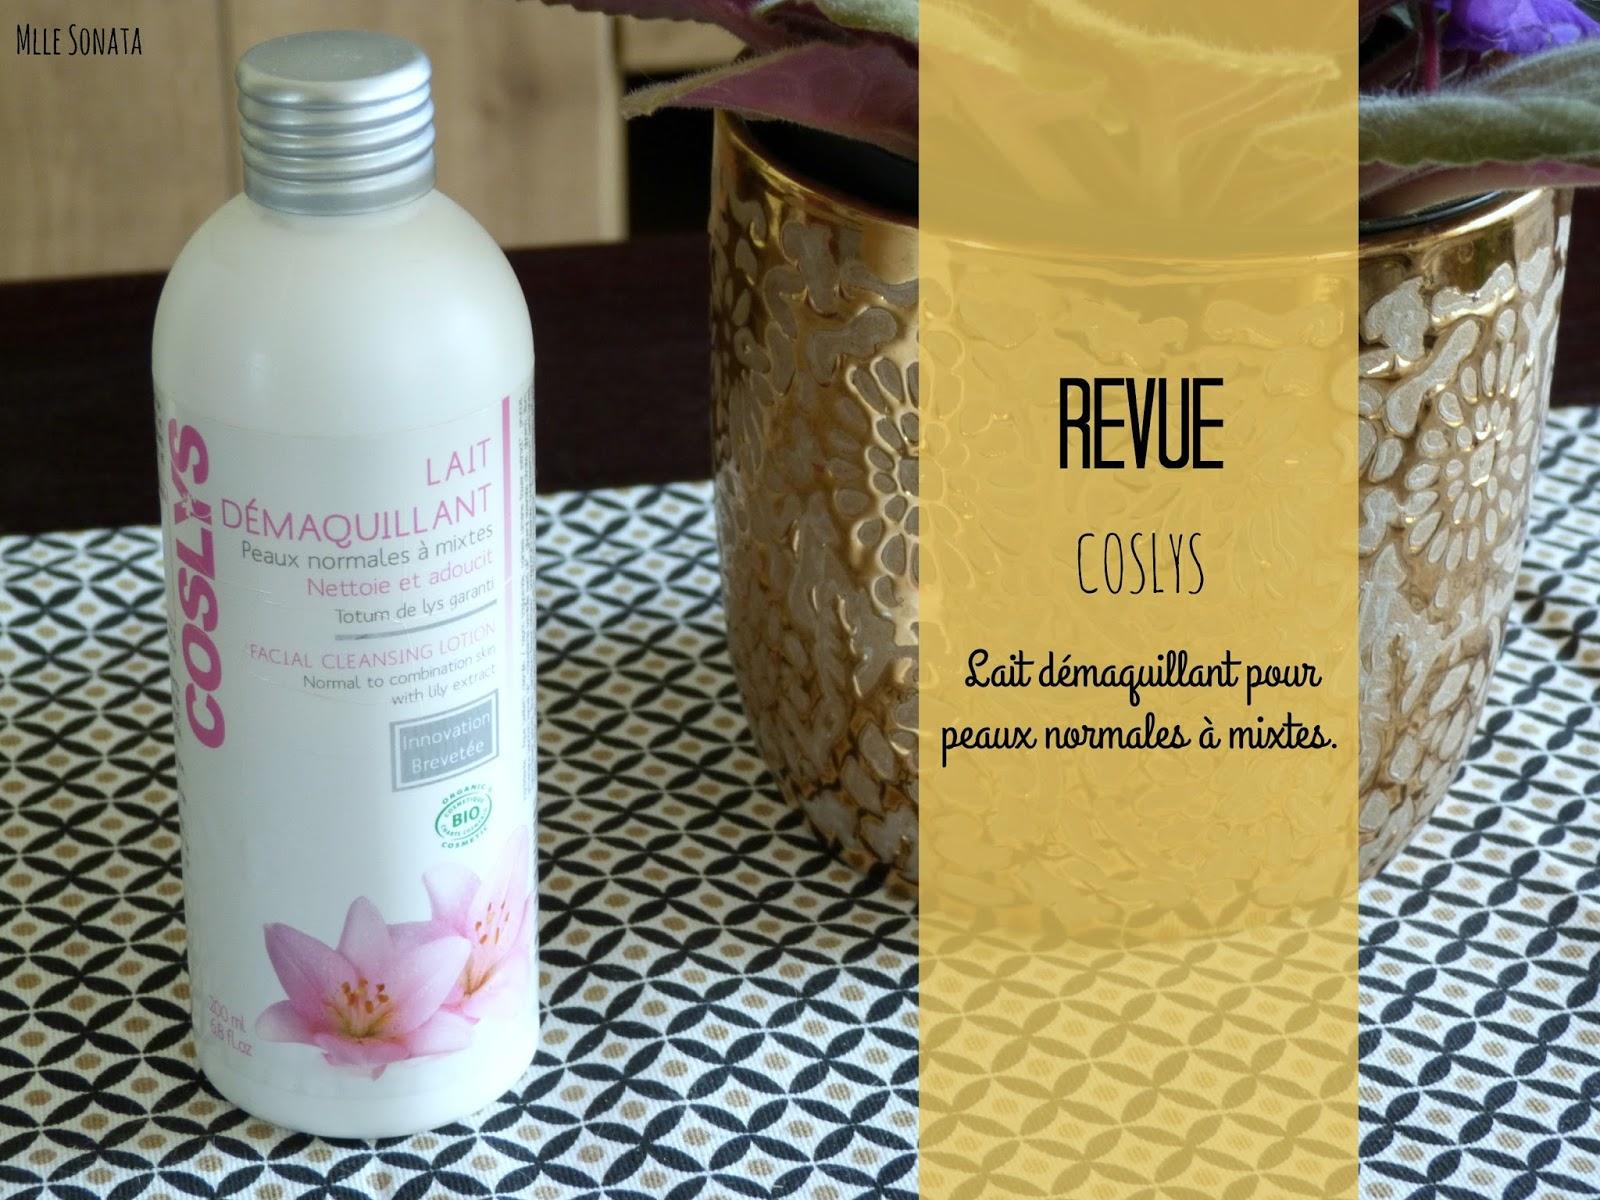 Revue du lait démaquillant pour les peaux normales à mixtes de la marque Coslys